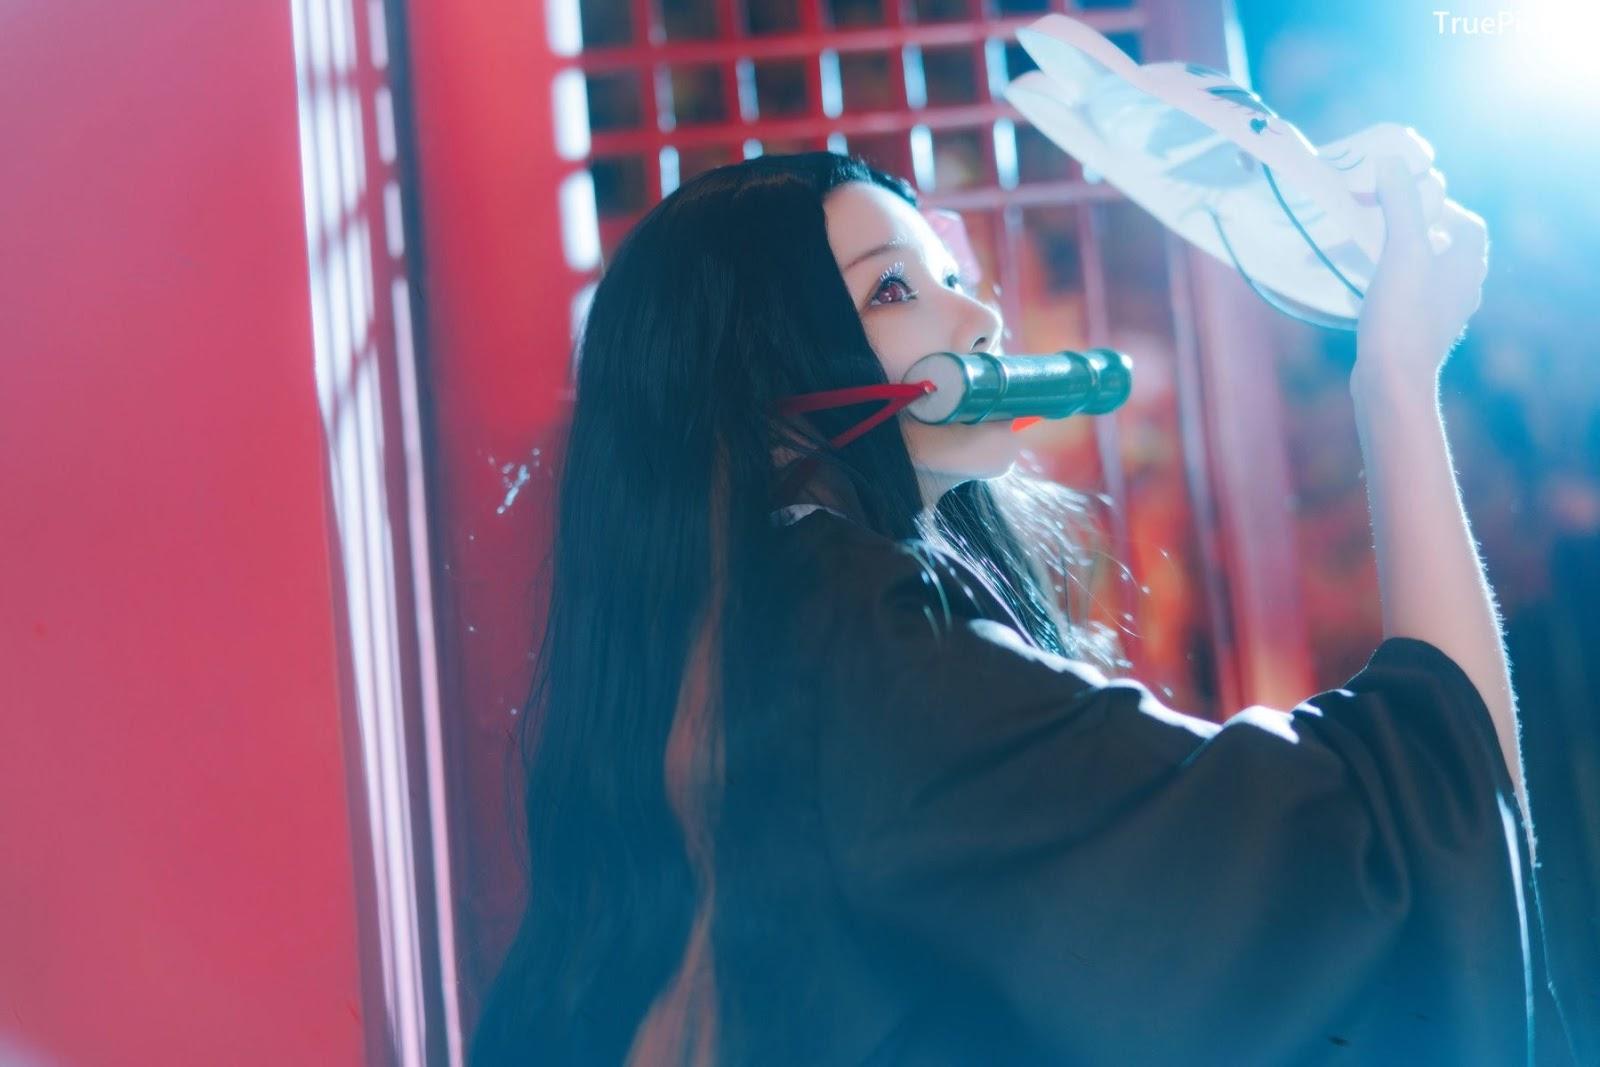 Image Japanese Model - Cherry Neko - [Cosplay] Nezuko Kamado (Kimetsu no Yaiba) - TruePic.net - Picture-8